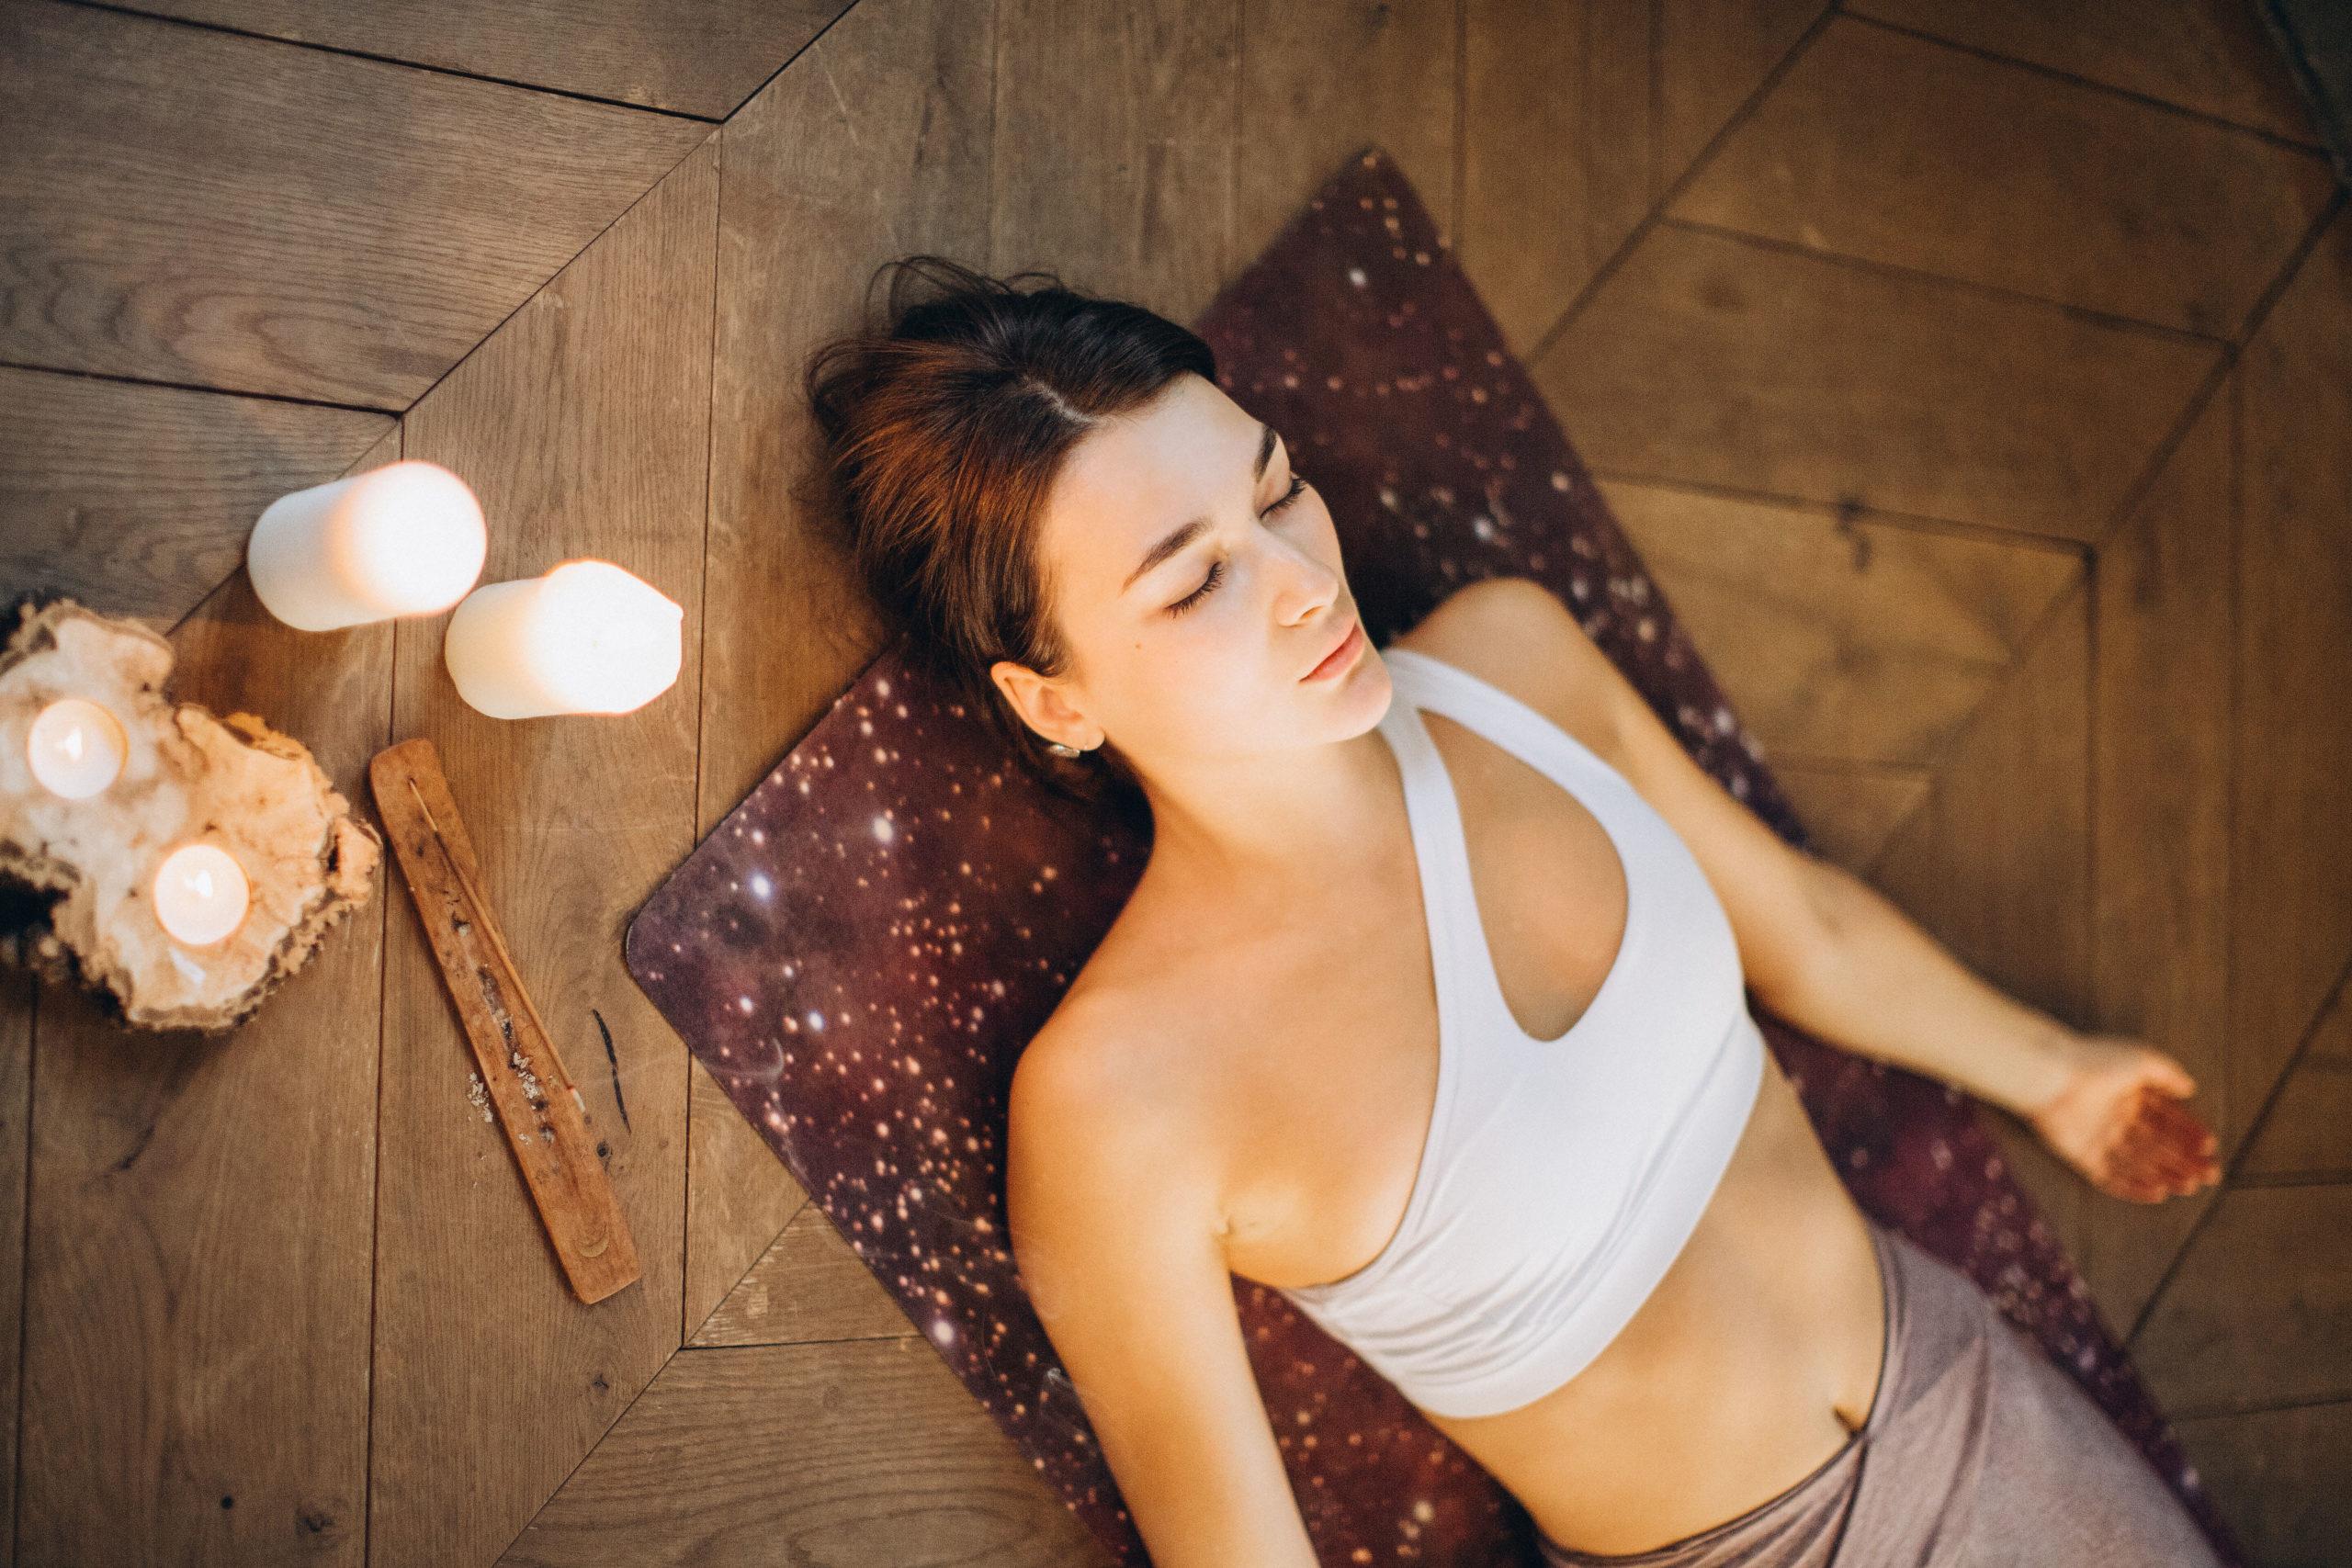 Femme pratiquant yoga nidra